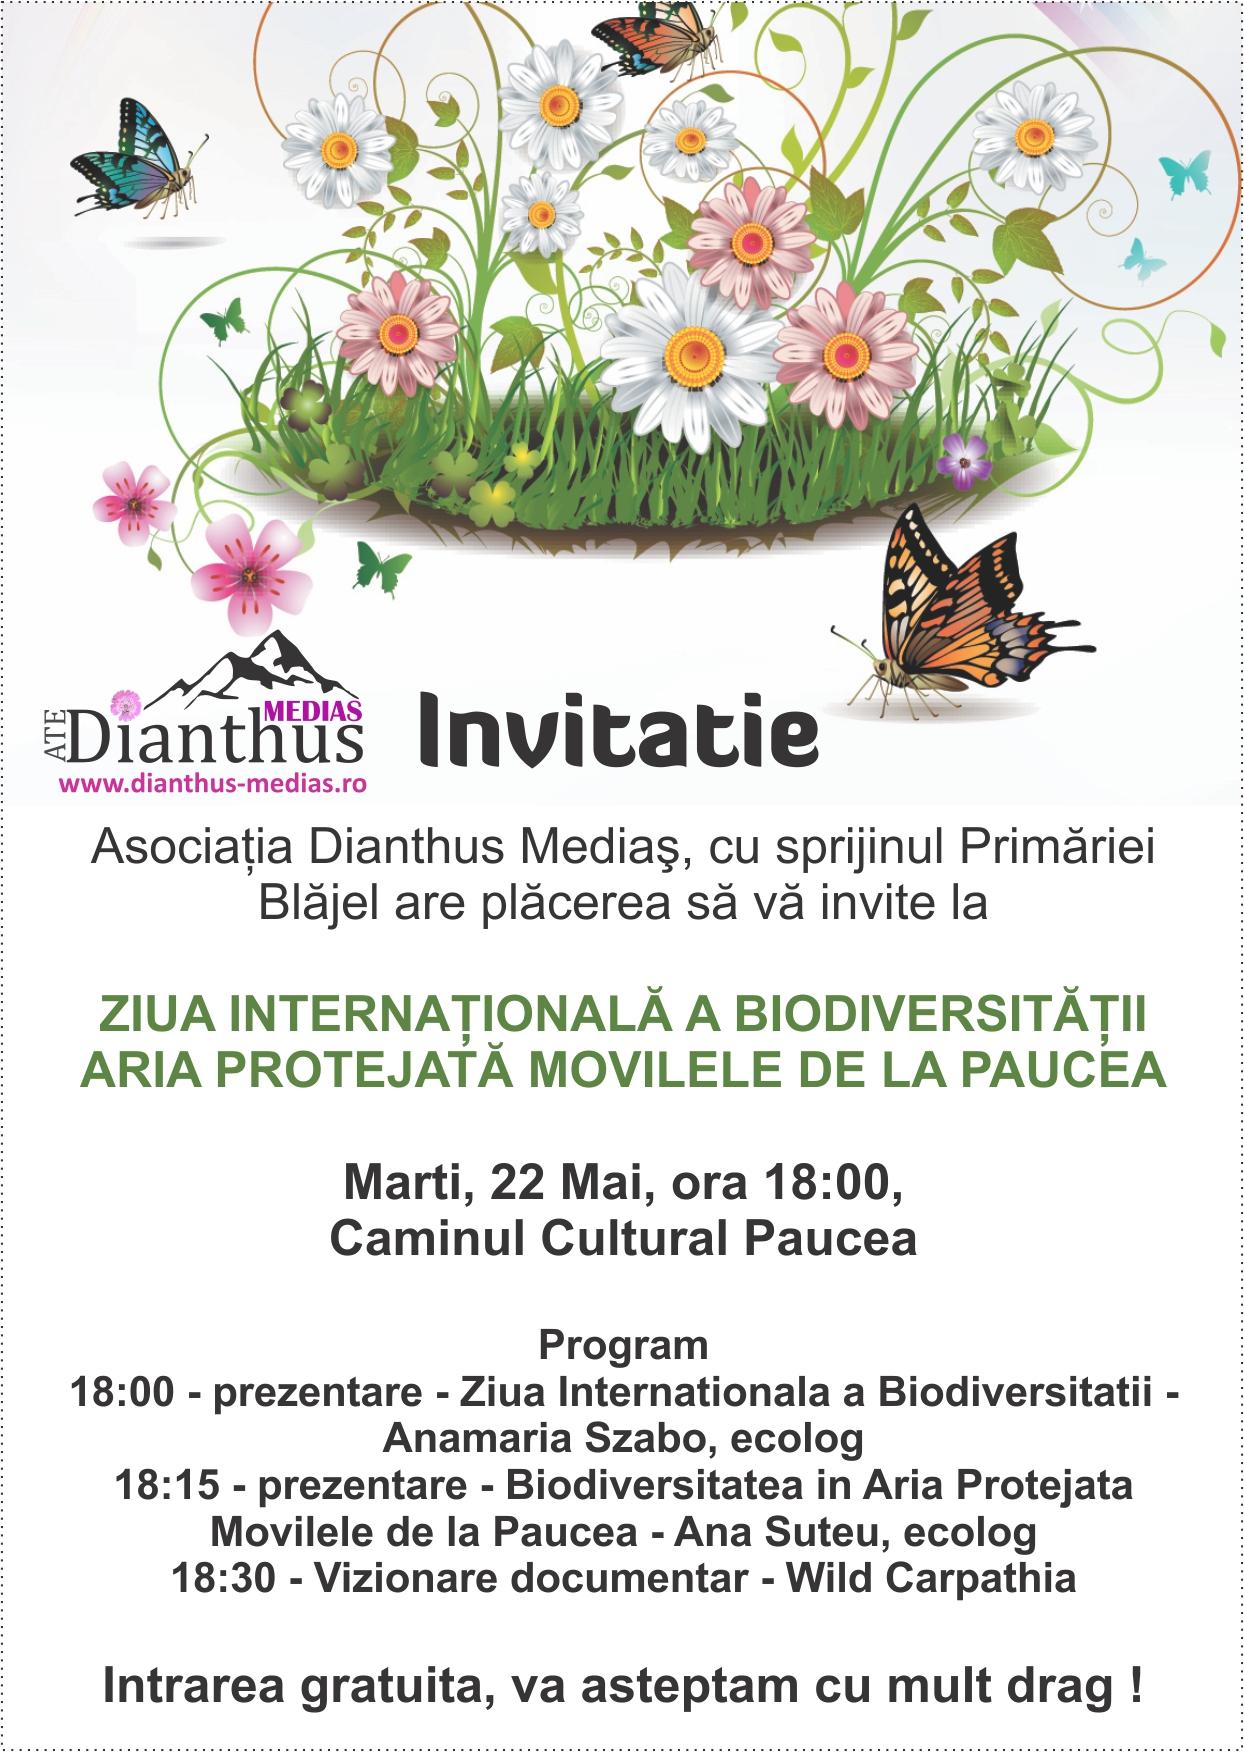 invitatie_paucea